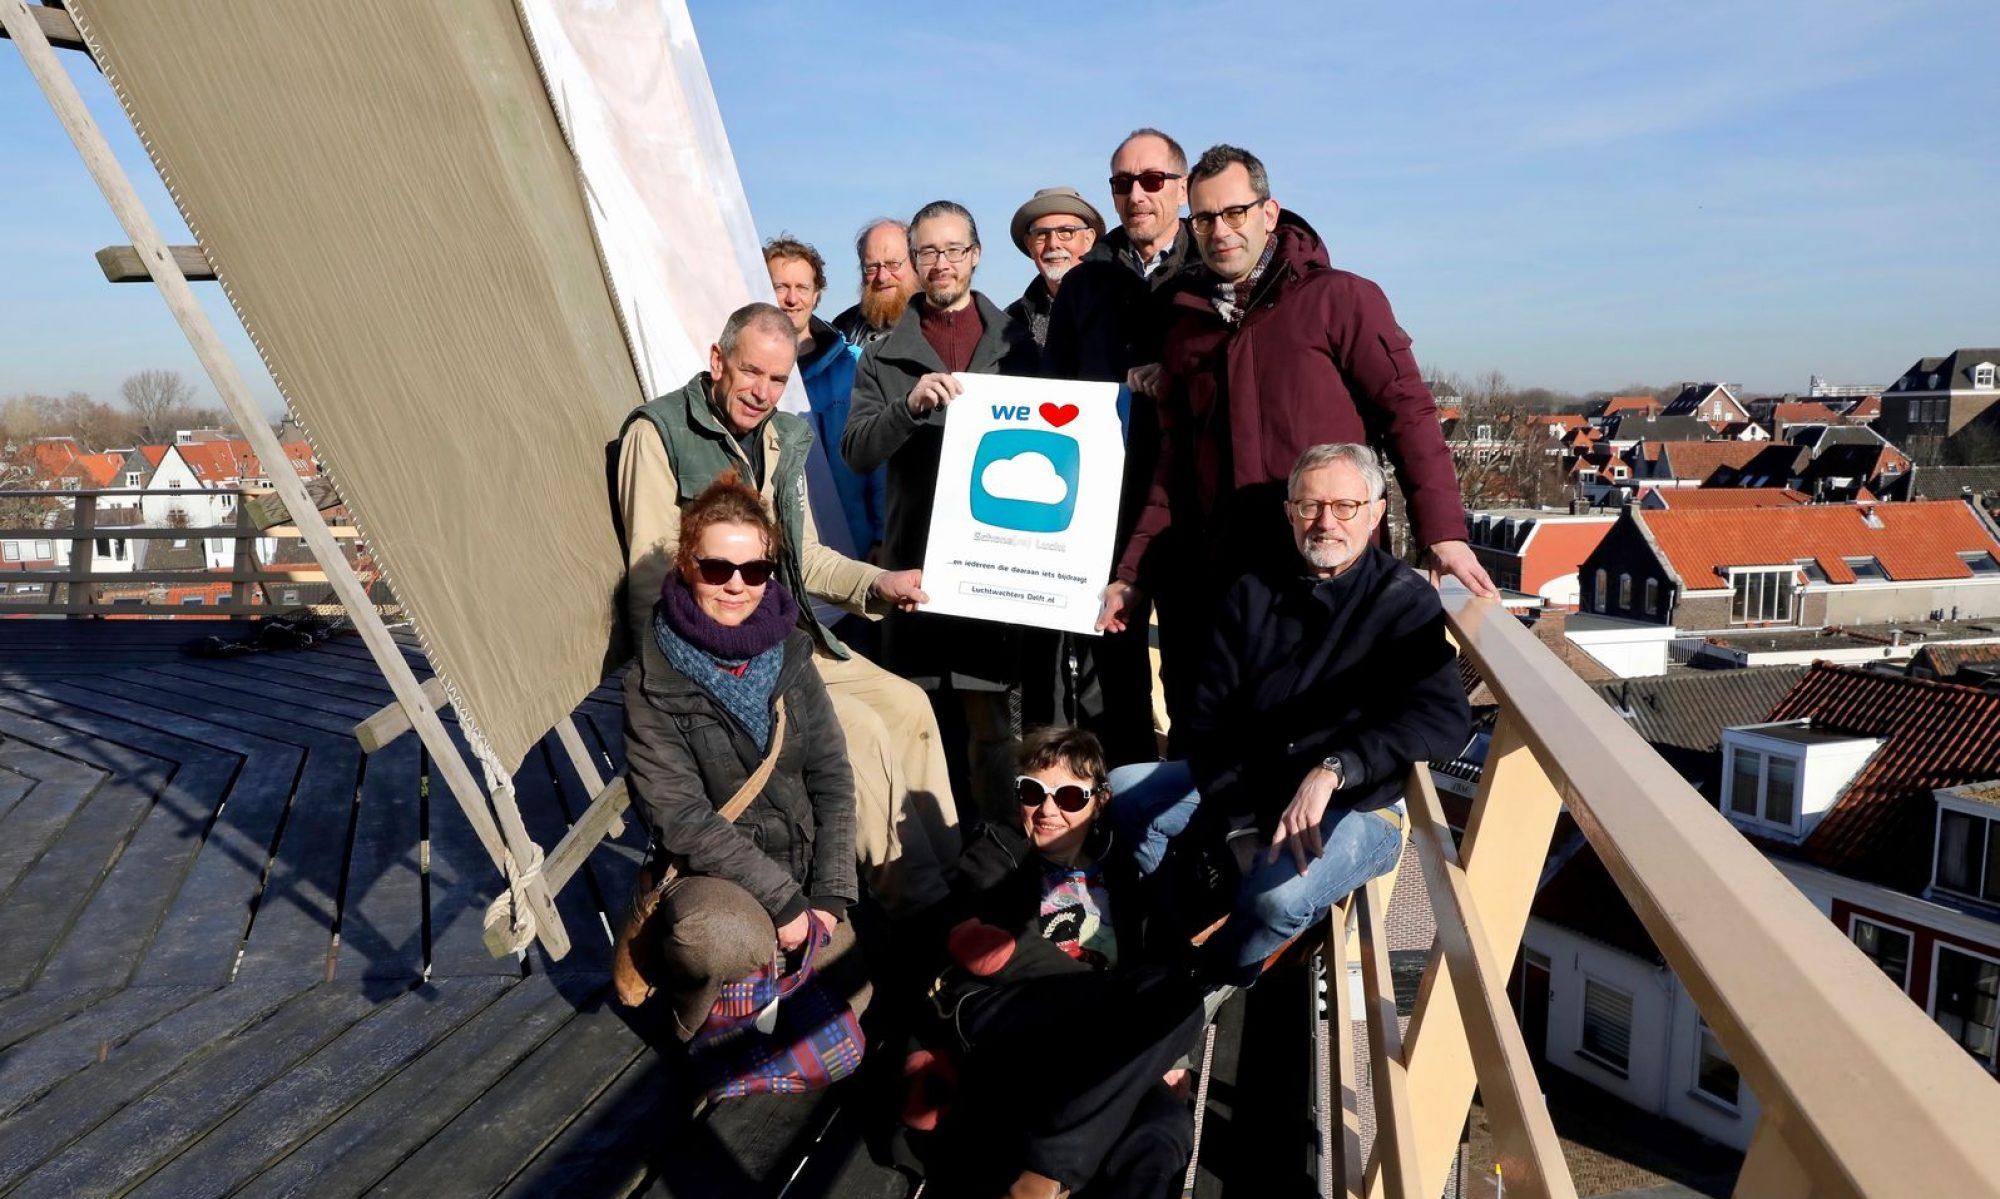 Luchtwachters Delft